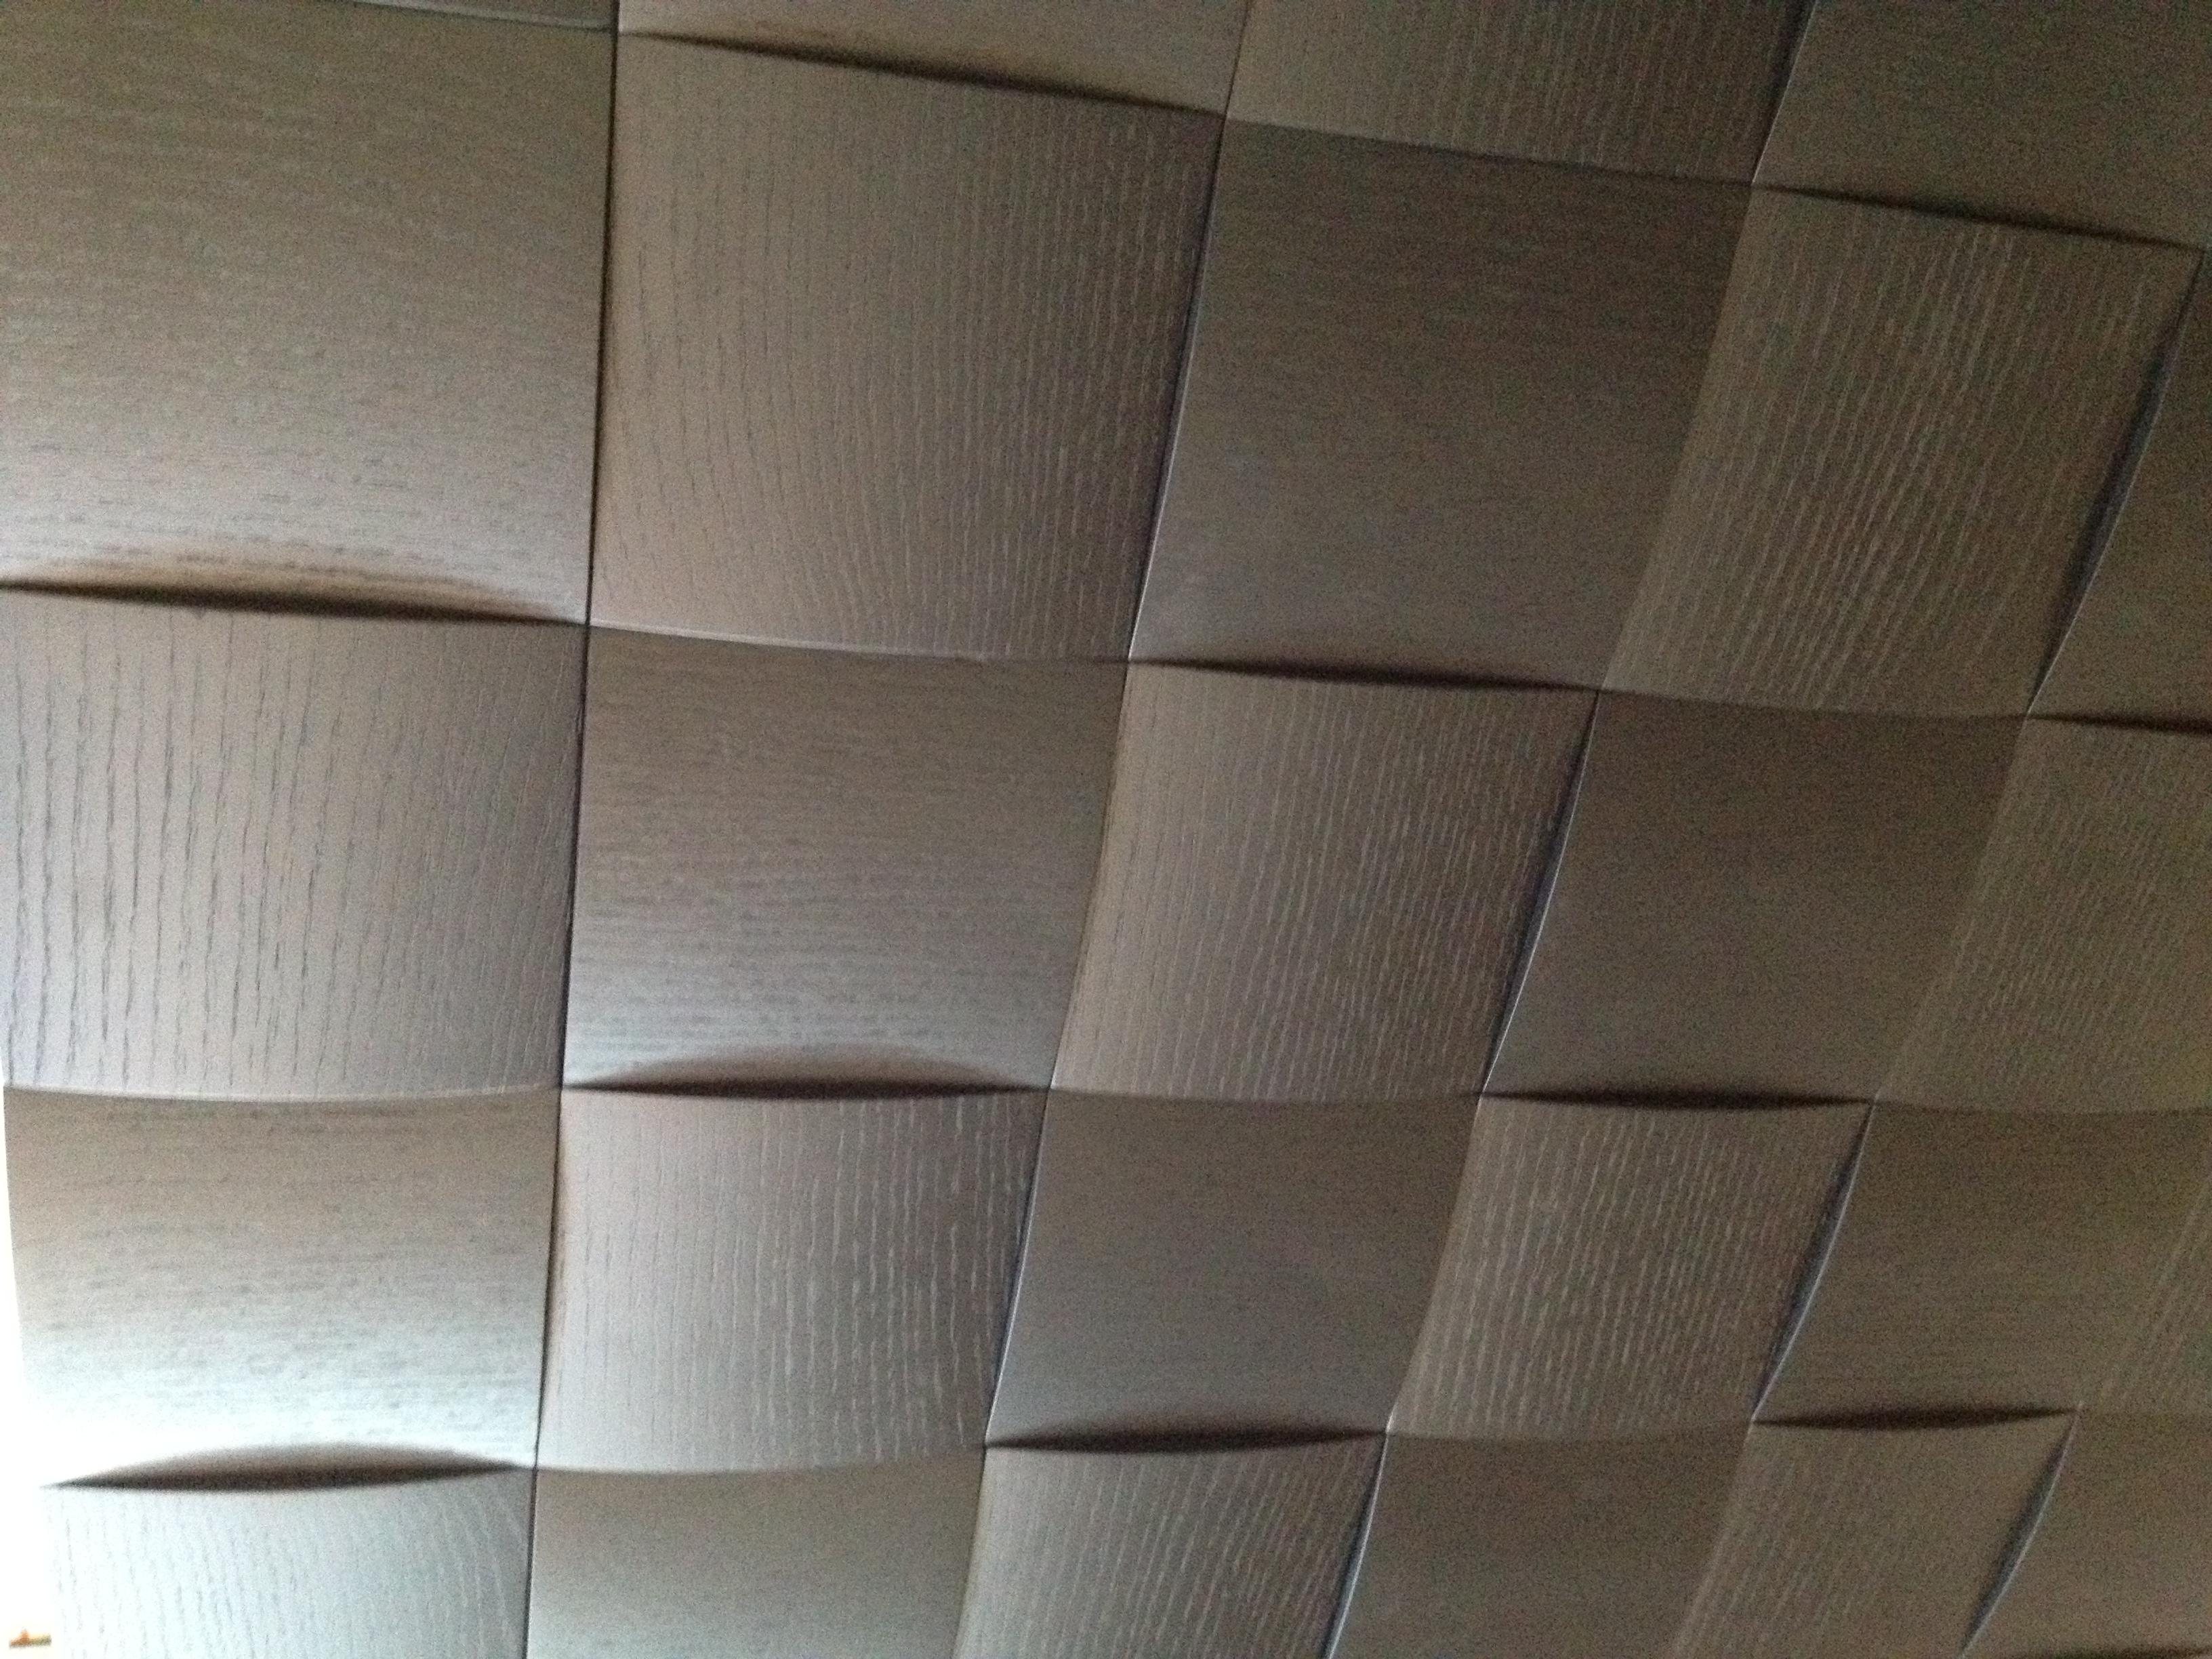 Pannelli rivestimento parete terminali antivento per stufe a pellet - Pannelli decorativi legno per pareti ...